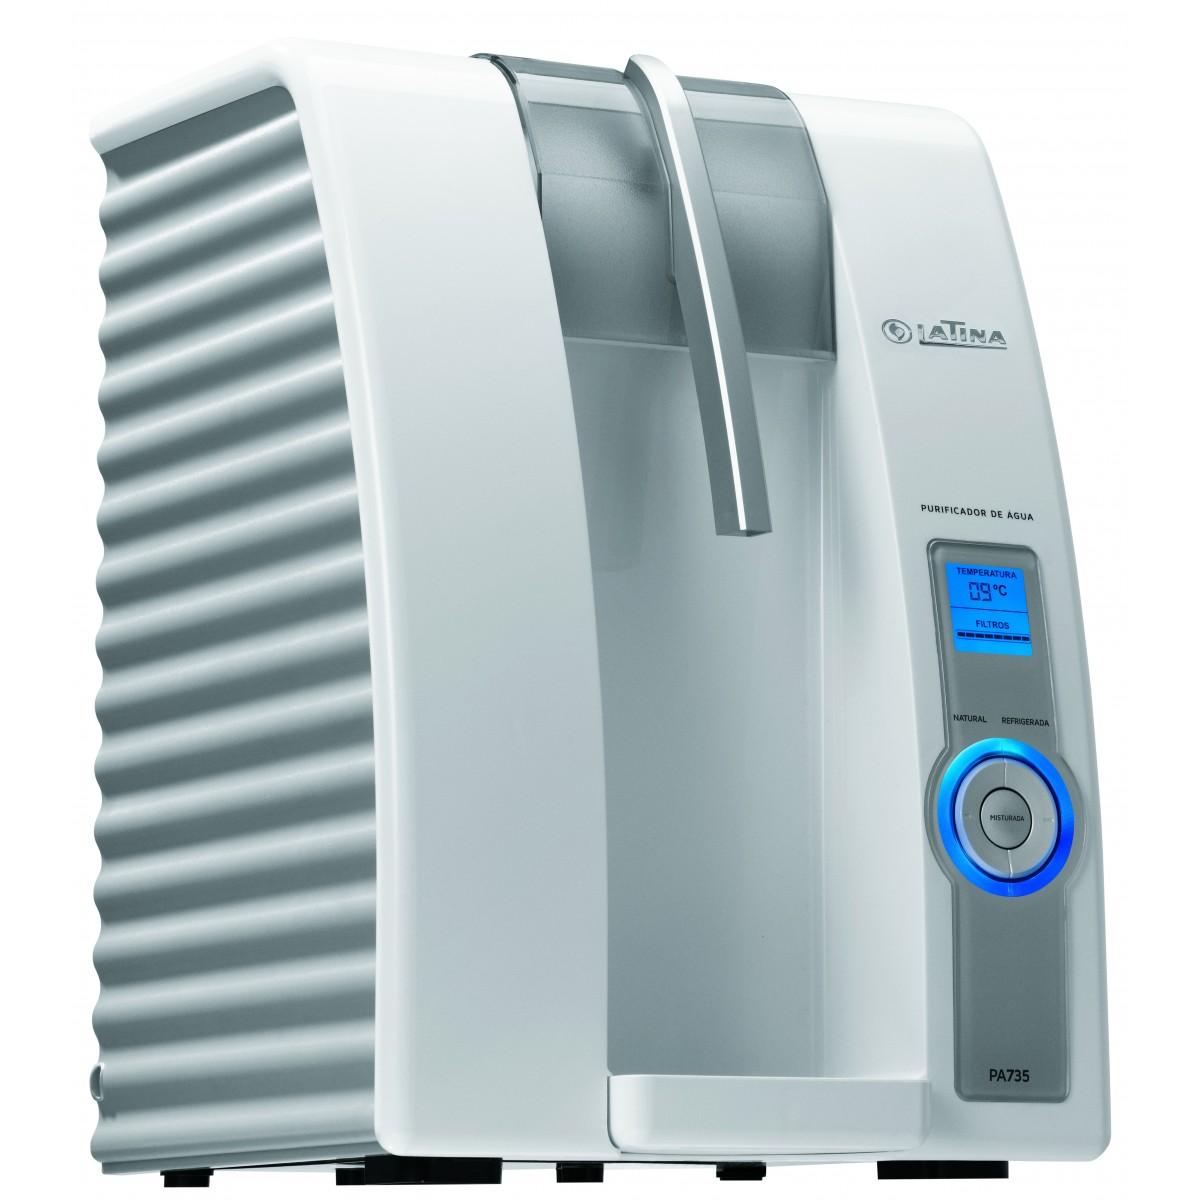 Purificador de Água Eletrônico Refrigerado Latina PA735 com Visor LED  - ShopNoroeste.com.br